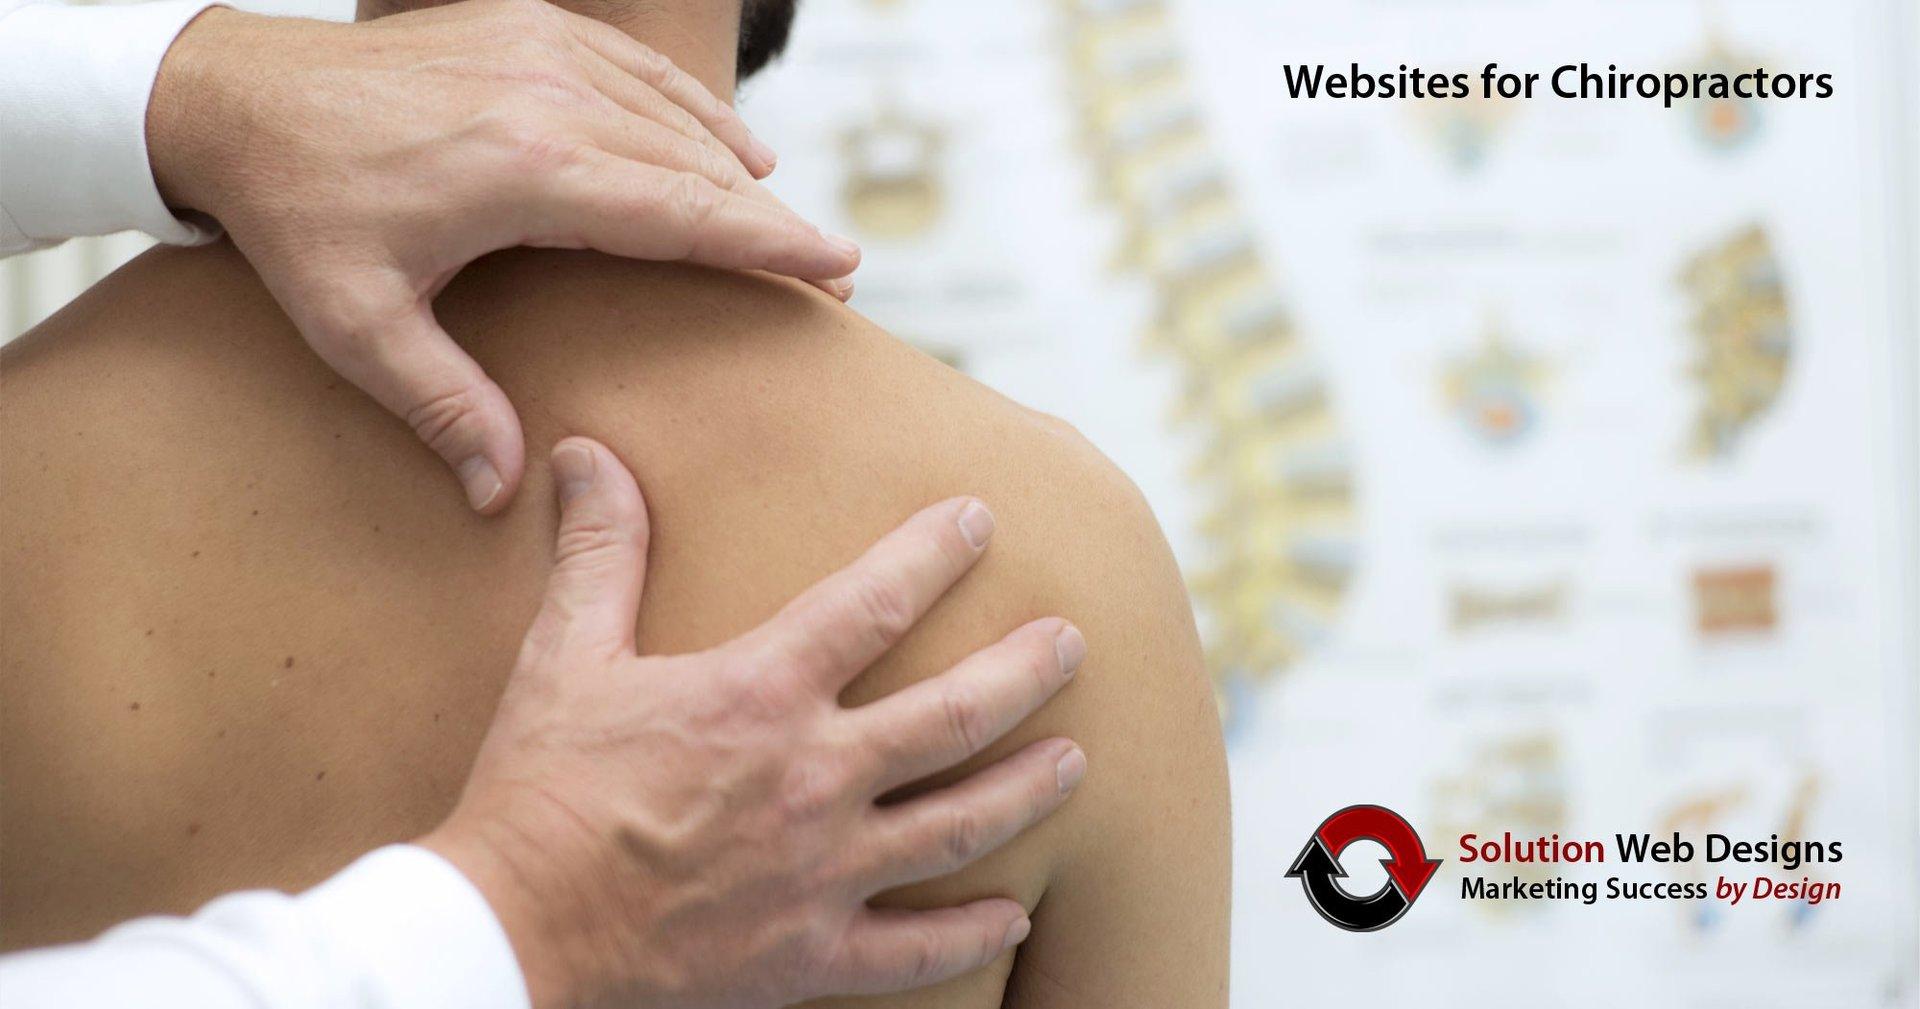 Chiropractic Website Design - Solution Web Designs